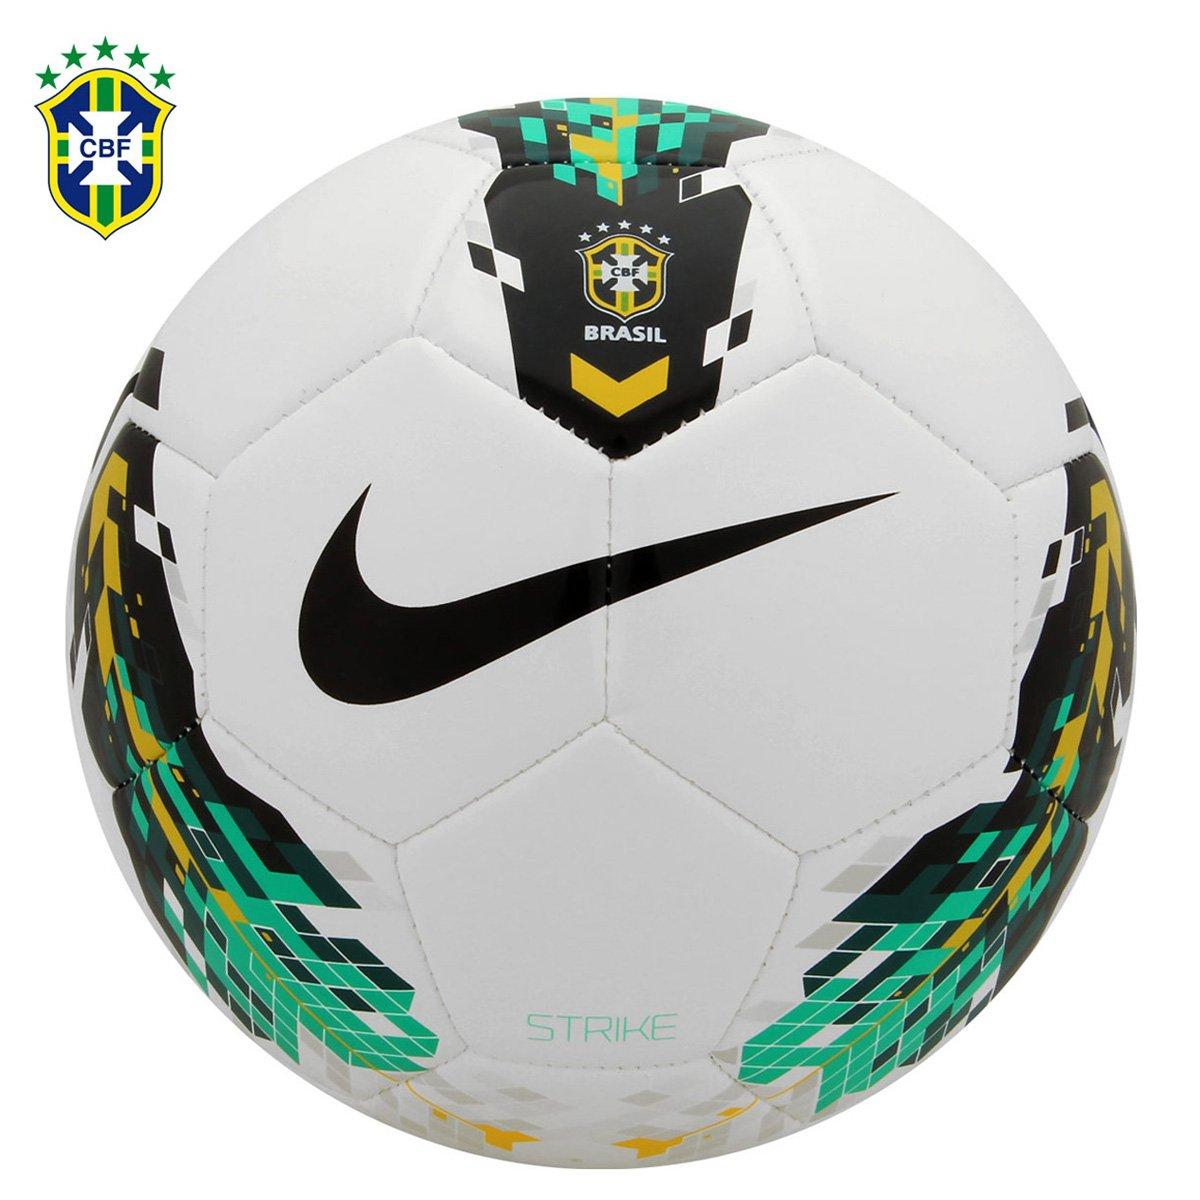 Bola Futebol Nike Strike CBF Réplica Brasileirão Campo - Compre ... b398b06f73ff9